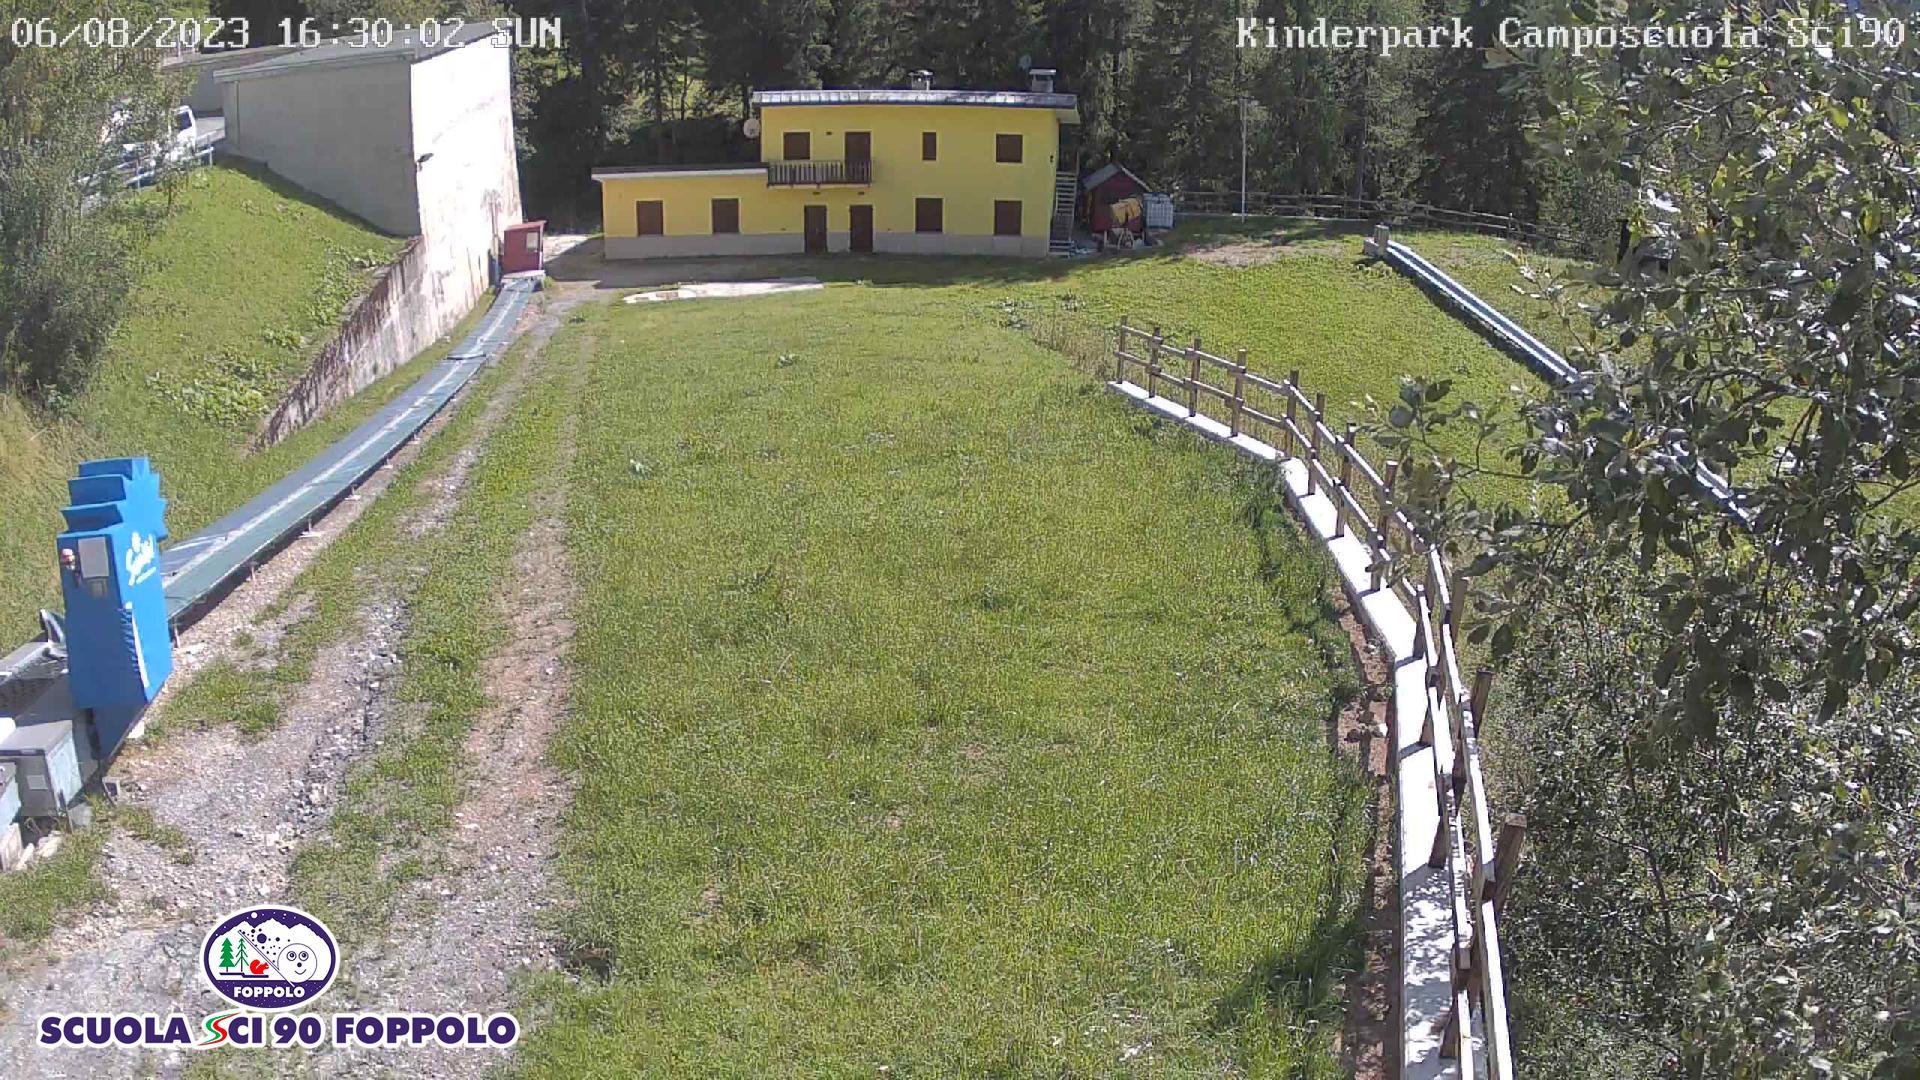 Webcam Campo scuola Foppolo